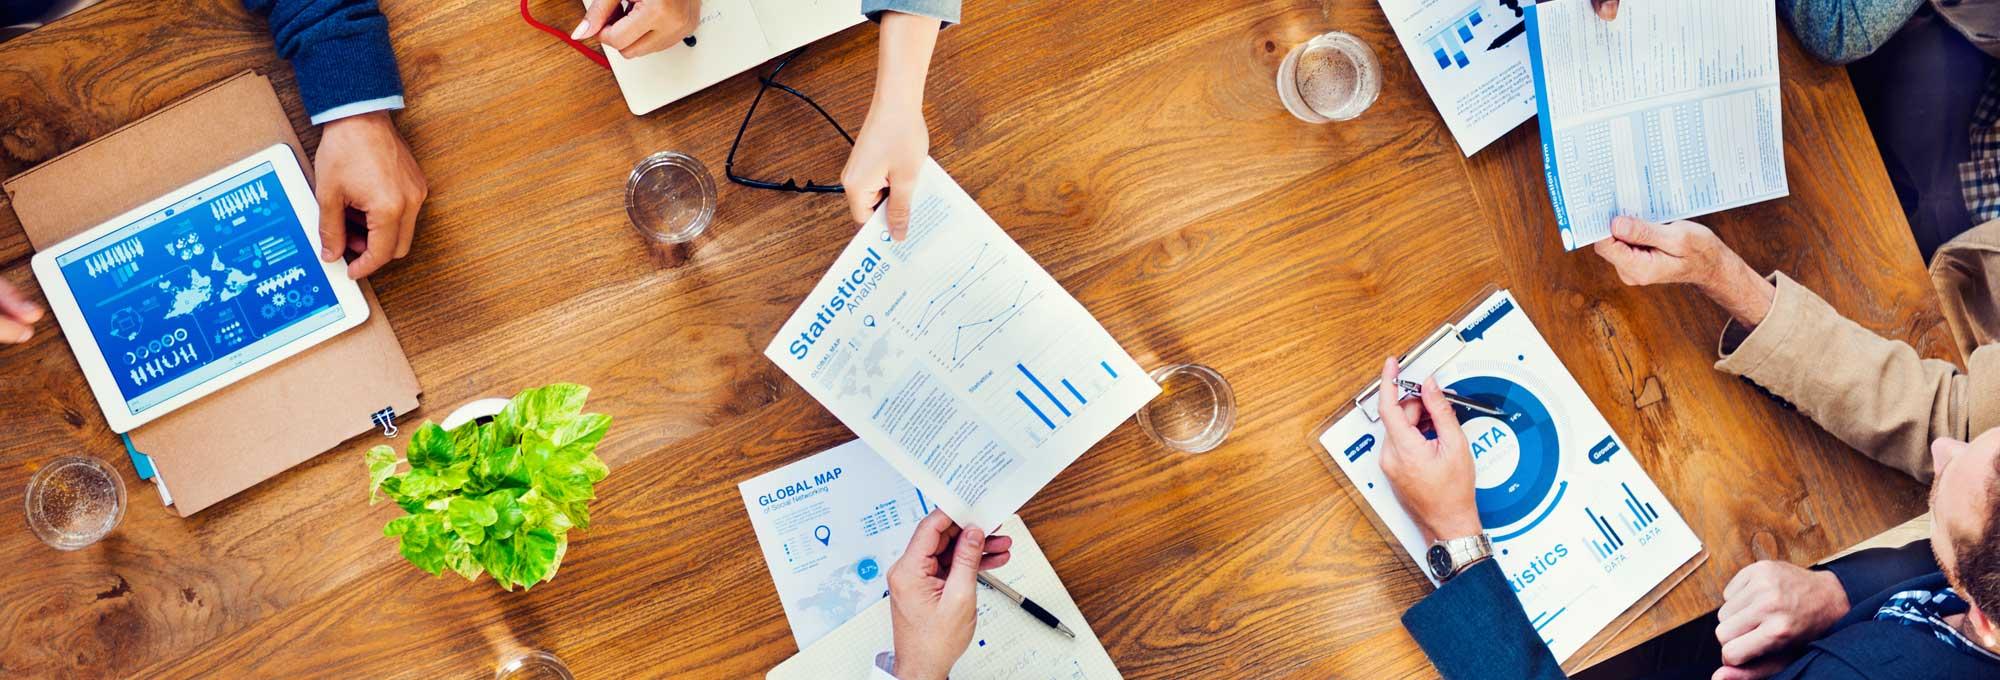 צריך סקר שוק או מחקר עסקי?